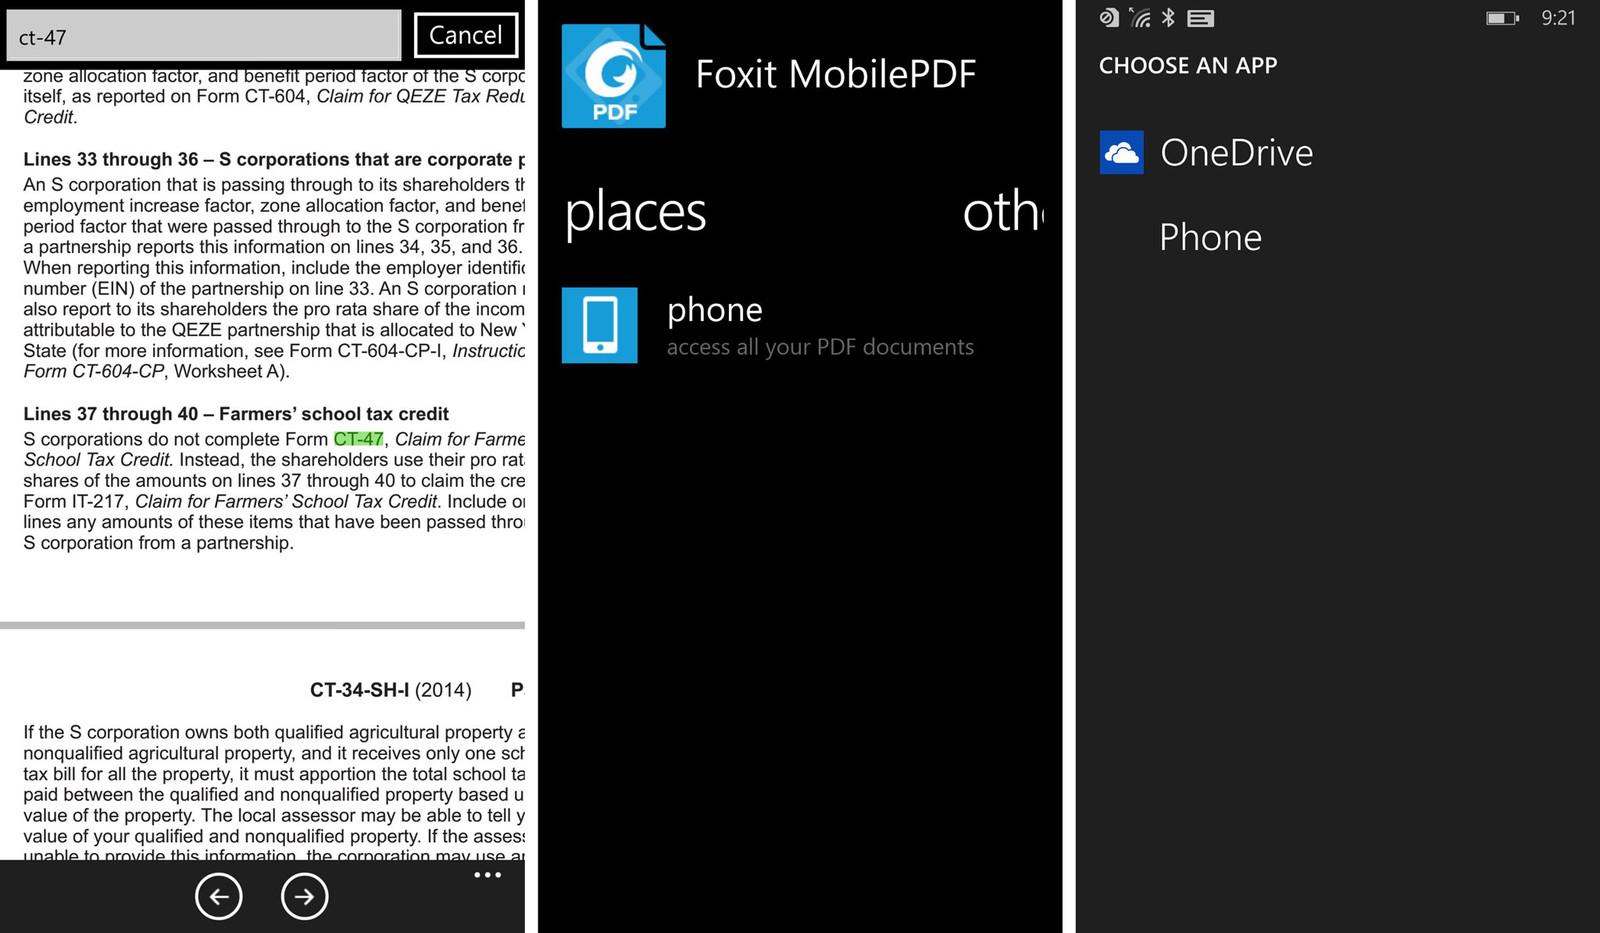 Рисунок 15. Просмотр документа в приложении Foxit MobilePDF на Windows Phone